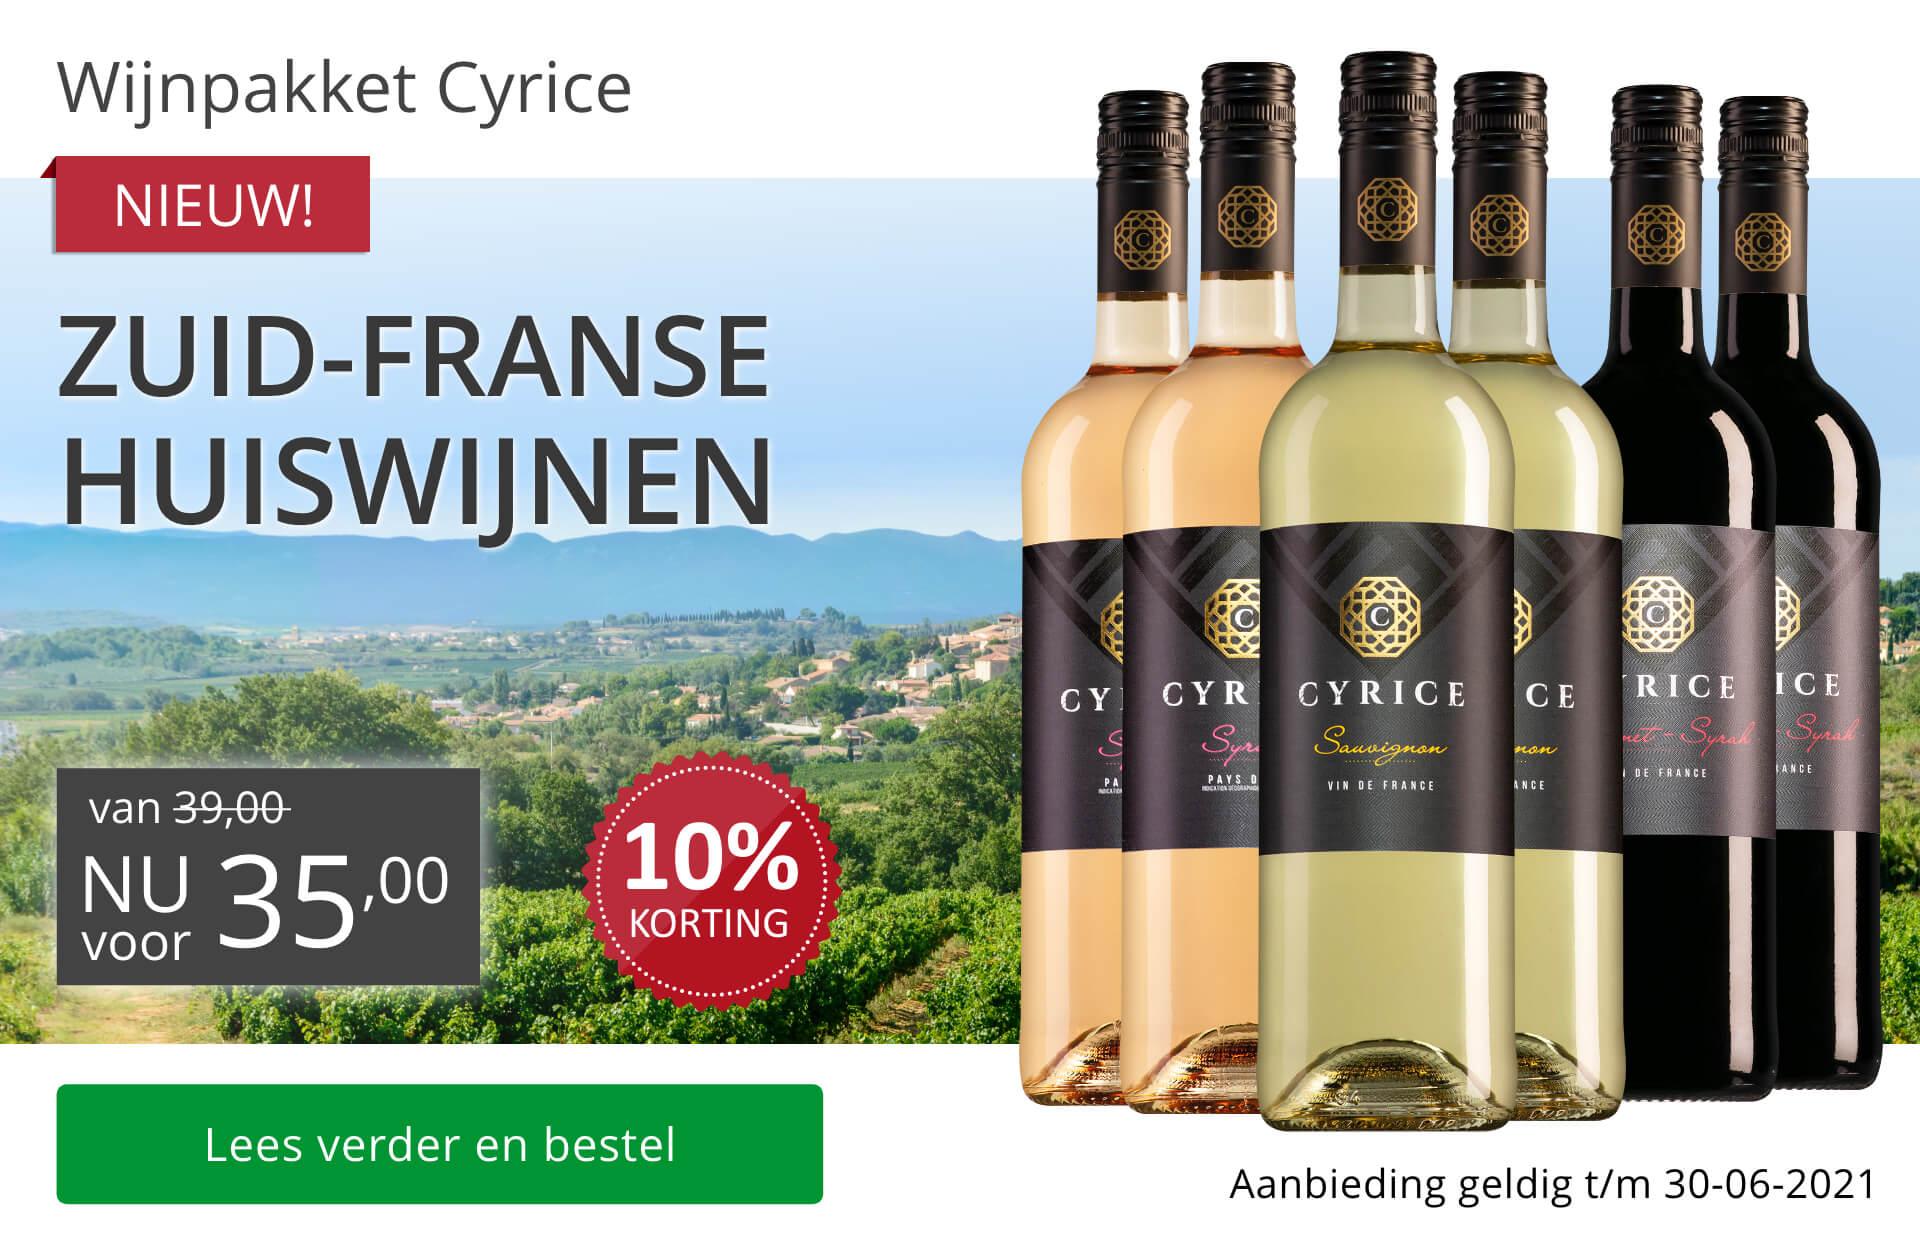 Wijnpakket huiswijnen Cyrice juni2021 (35,00)